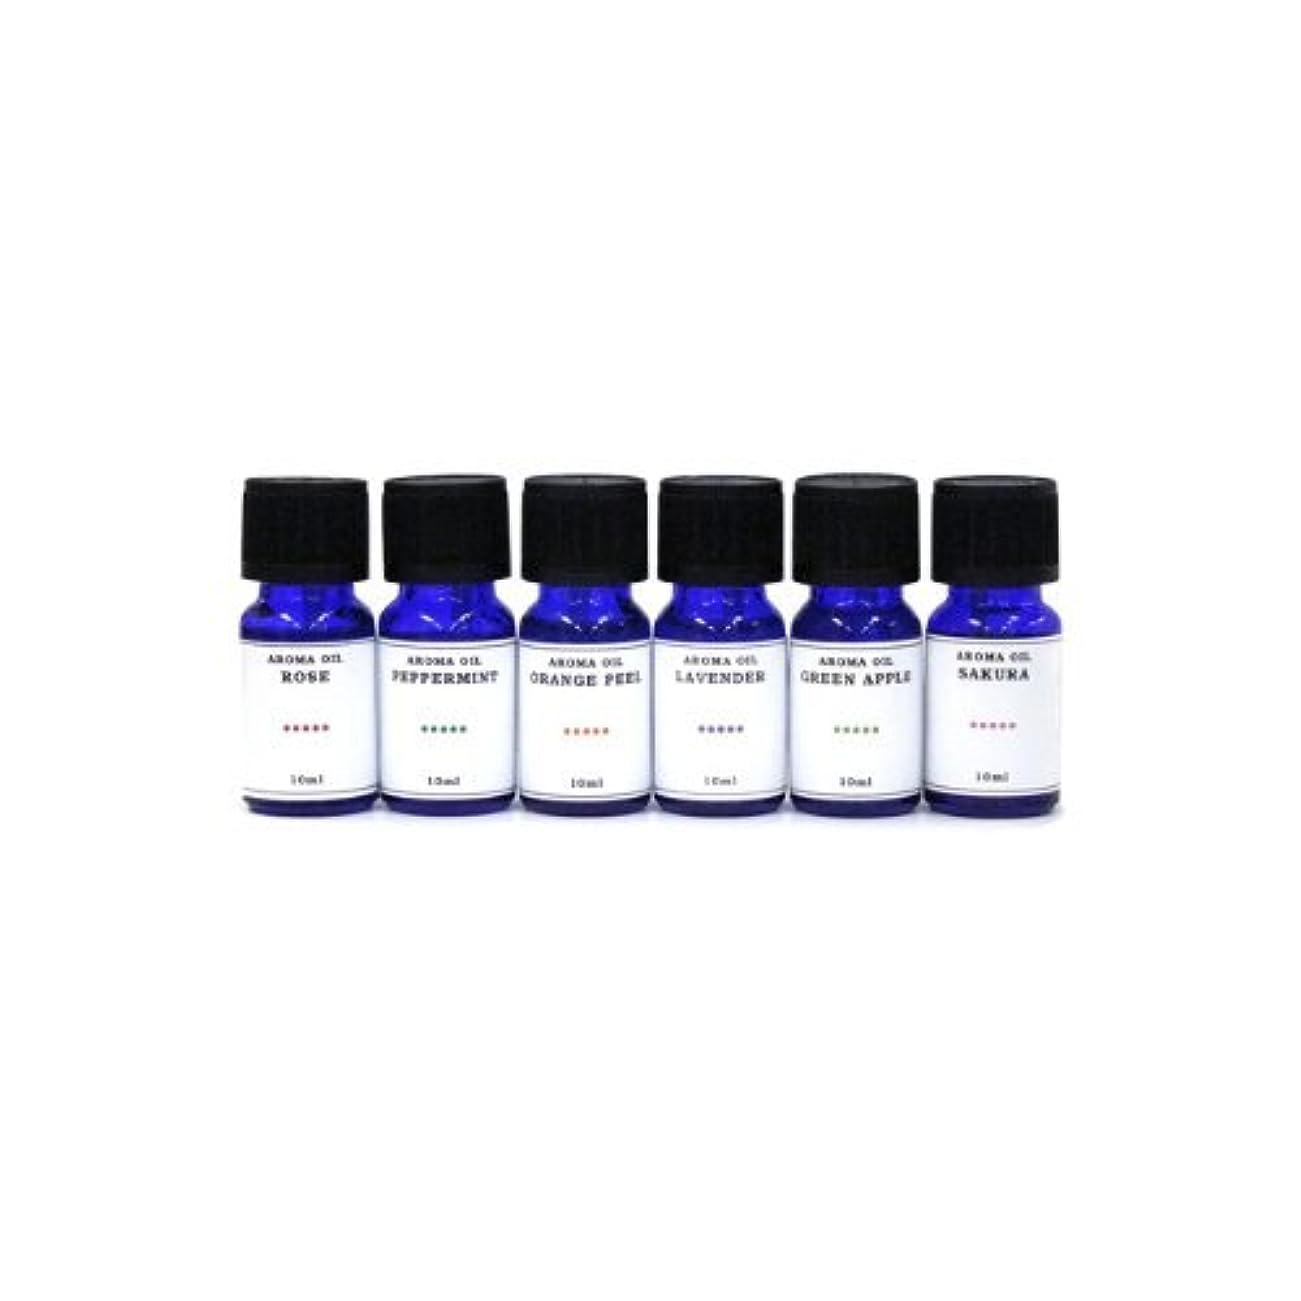 等学習部分的に水溶性アロマオイル 6種の香りセット ラベンダー/ペパーミント/オレンジピール/サクラ/グリーンアップル/ローズ